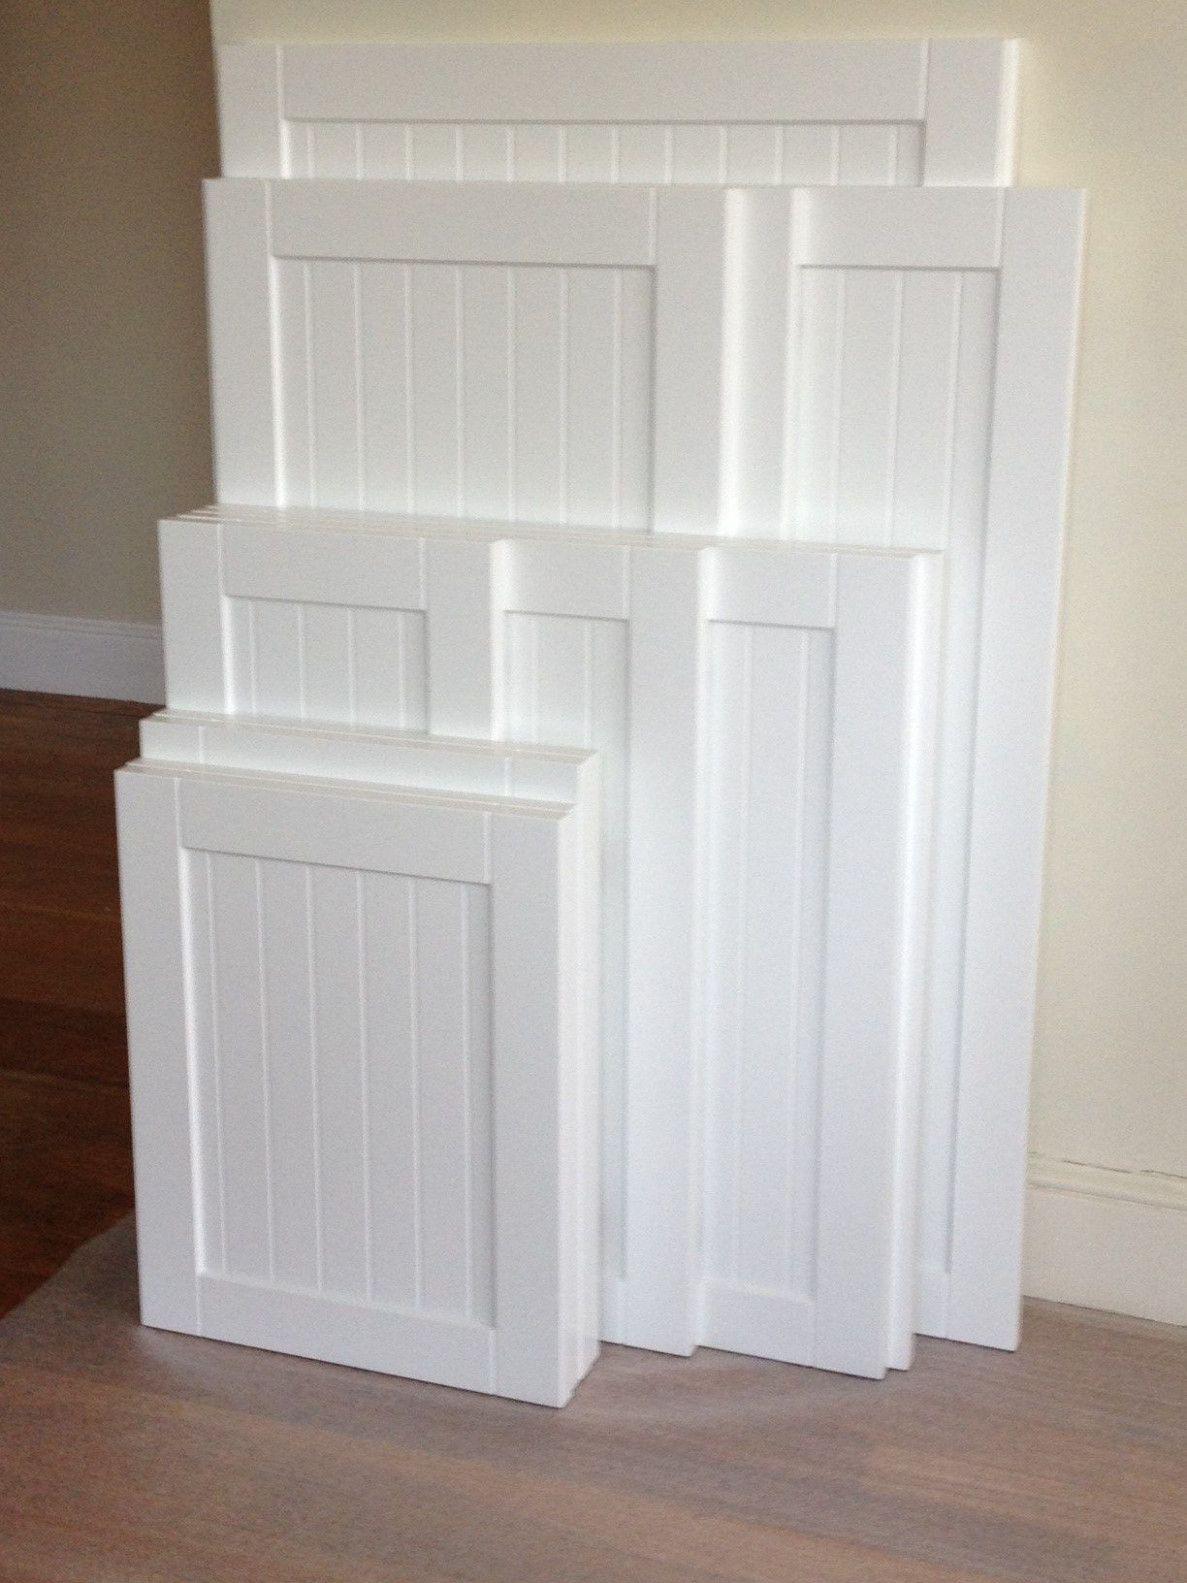 Beadboard Doors Kitchen Cabinets In 2020 Beadboard Kitchen Cabinets Beadboard Kitchen Kitchen Cabinet Door Styles